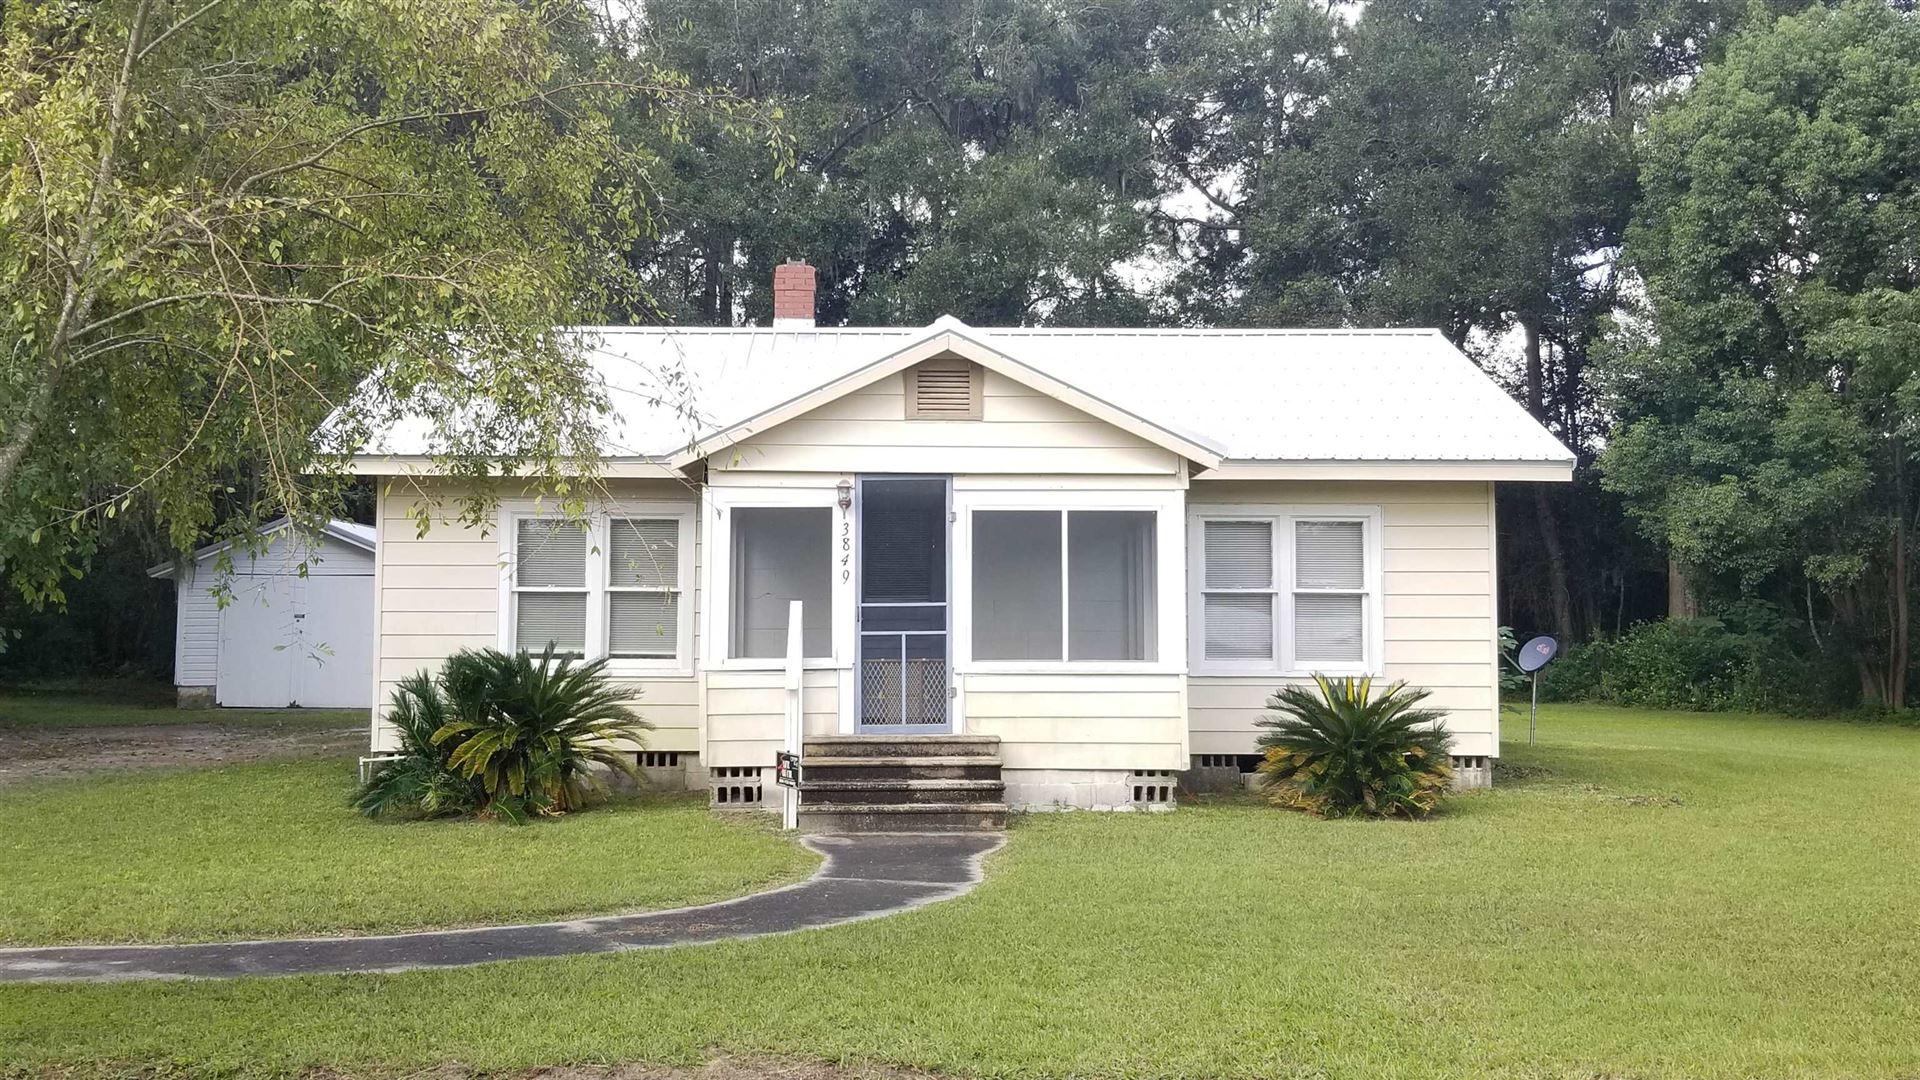 3849 Foley Cutoff Rd, Perry, FL 32347 - MLS#: 337615